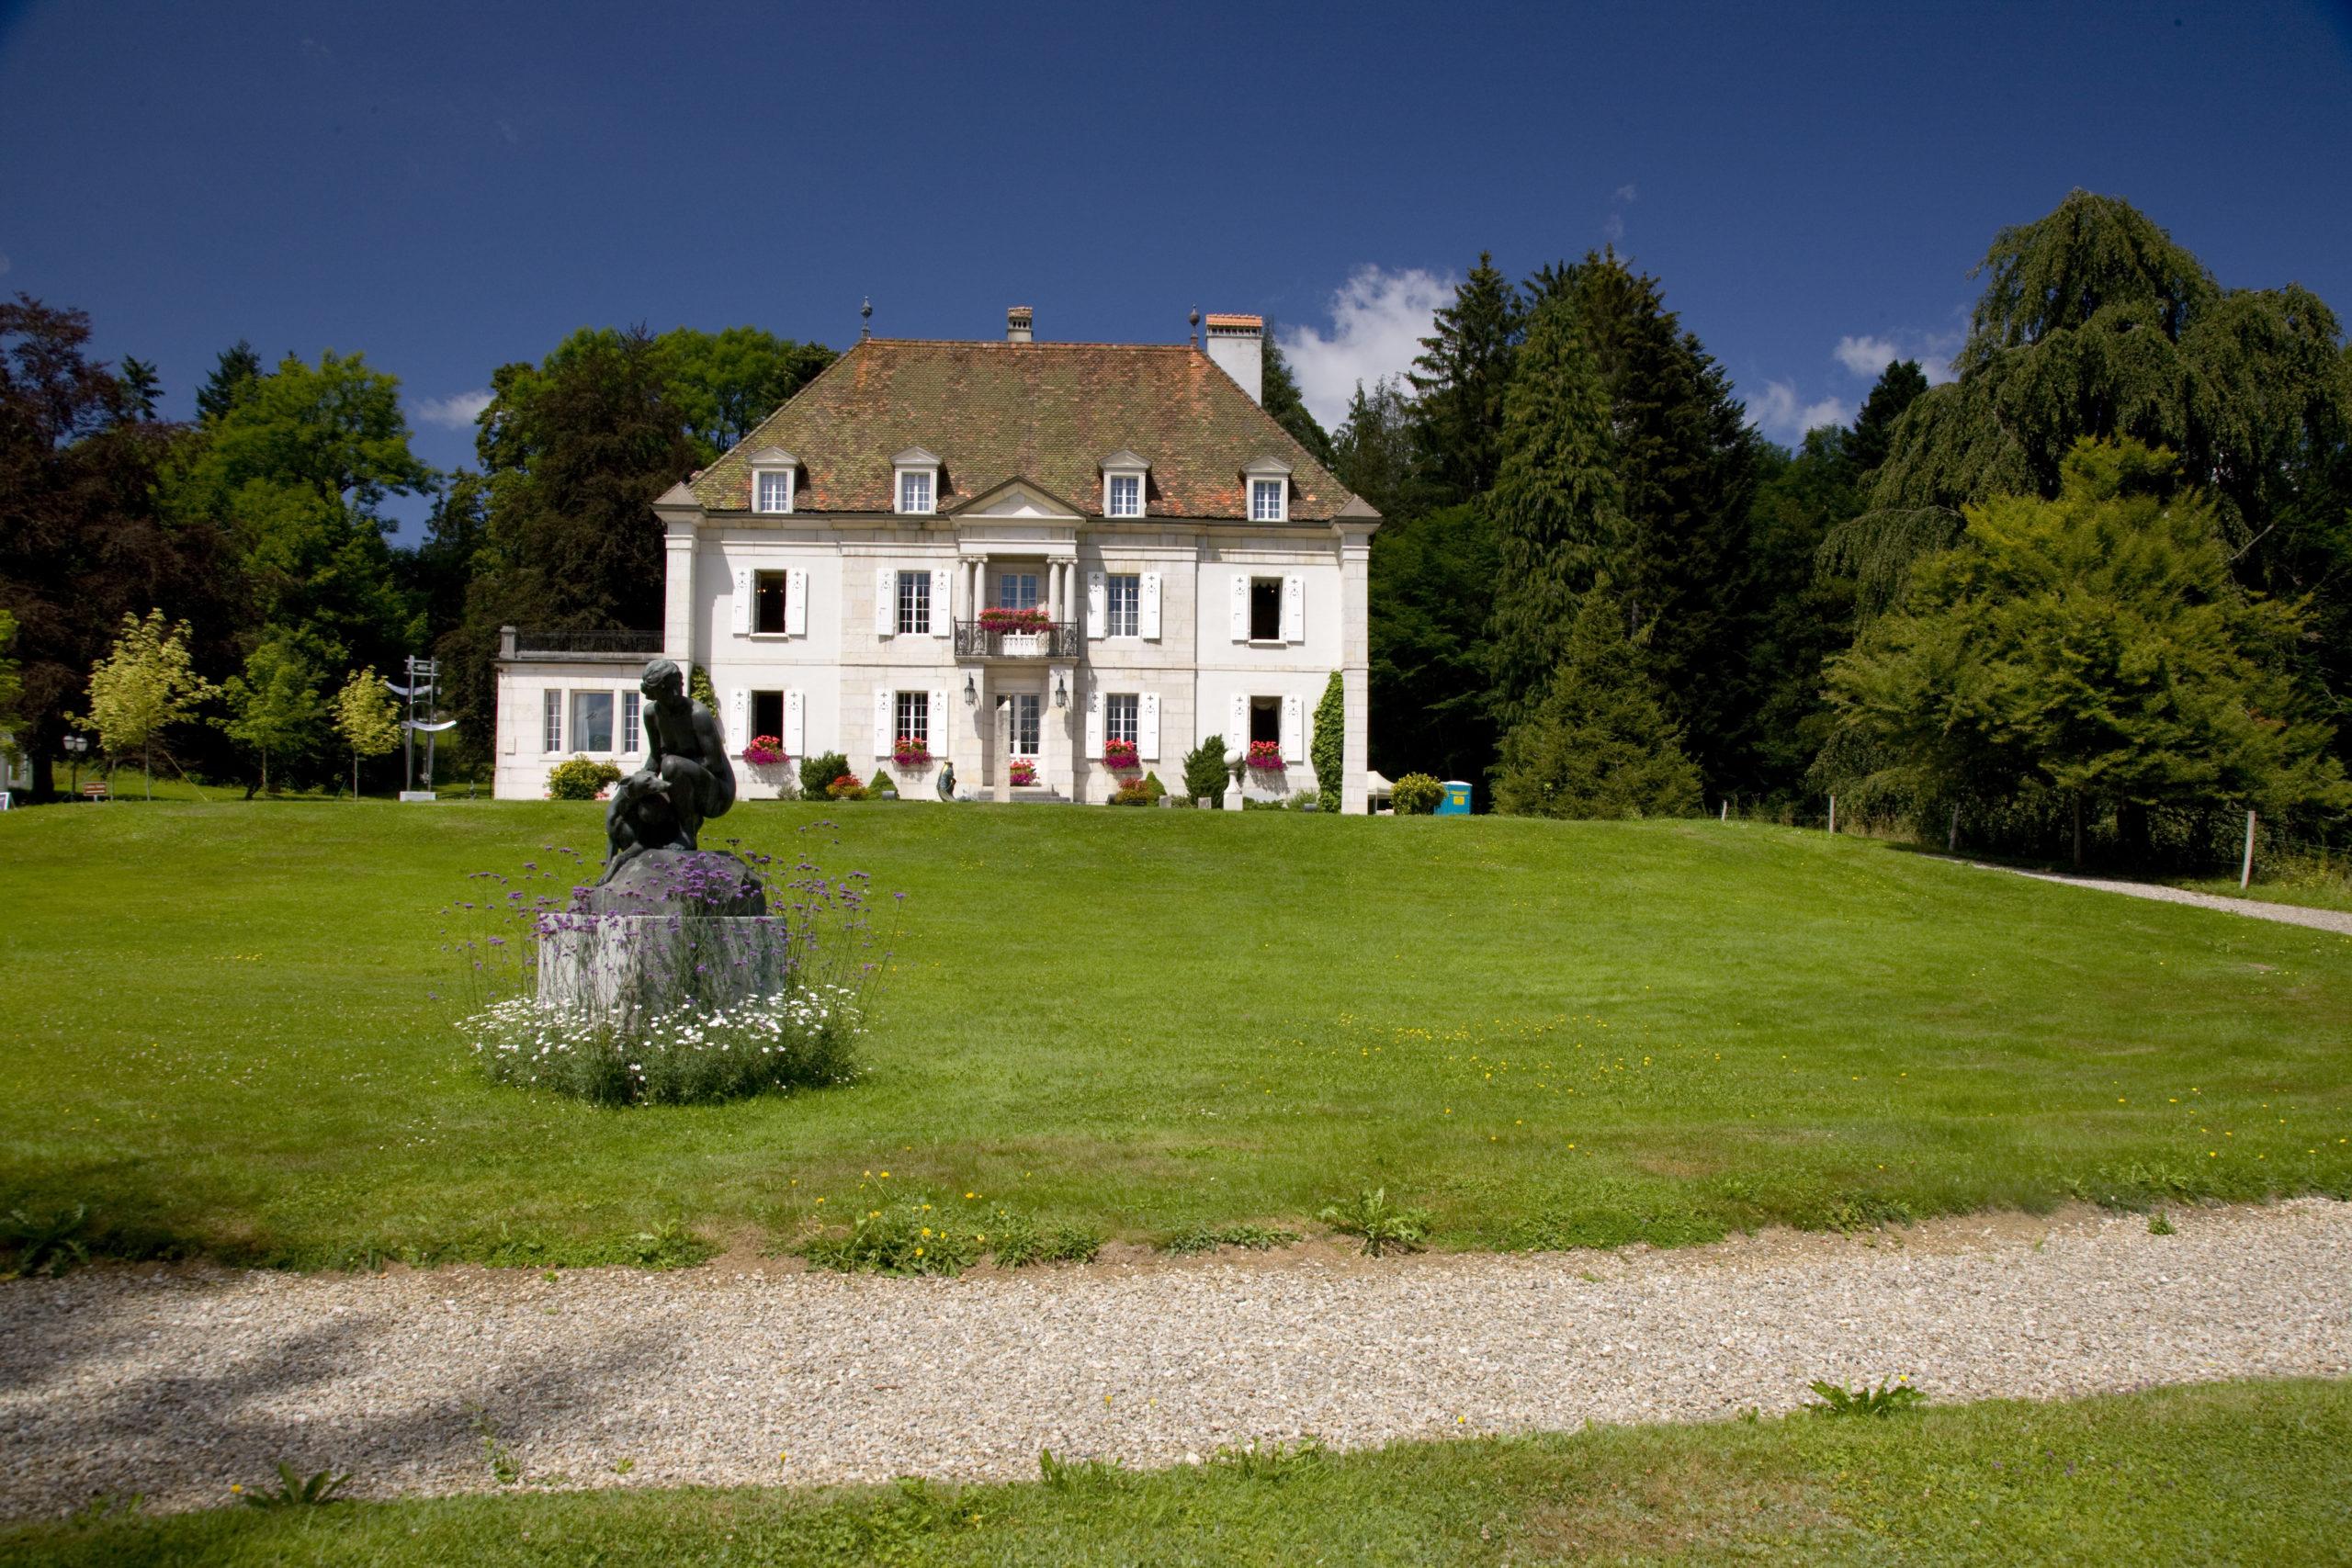 Besuch des Uhrmachermuseum – Château des Monts in Locle